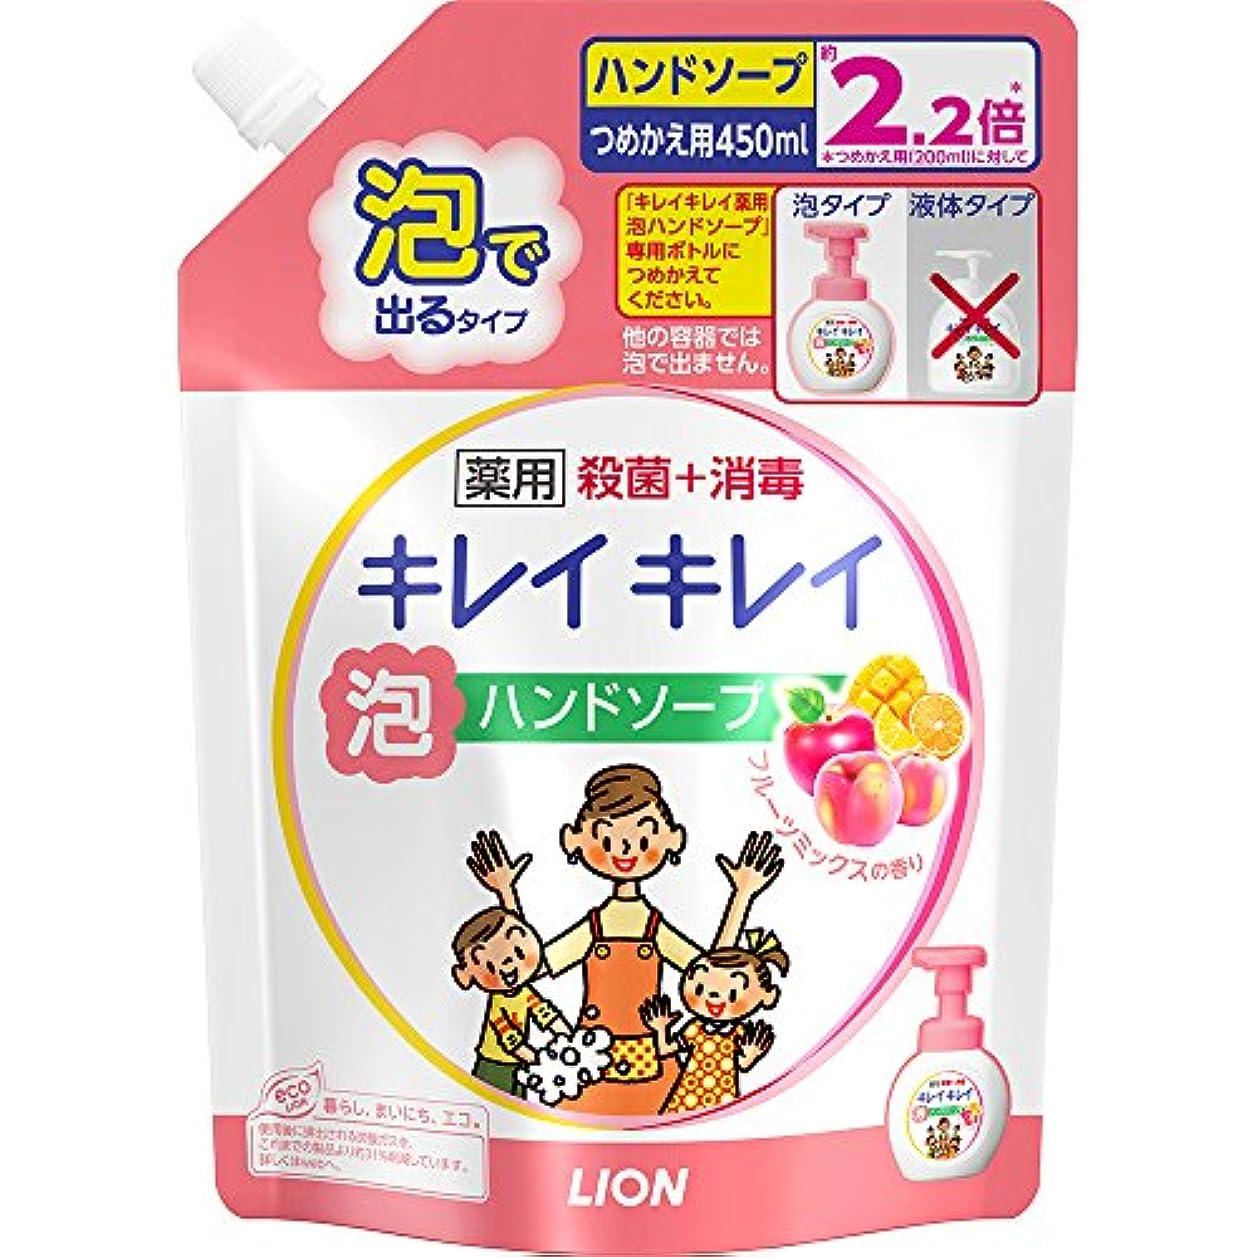 火山セラフはさみキレイキレイ 薬用 泡ハンドソープ フルーツミックスの香り 詰め替え 450ml(医薬部外品)